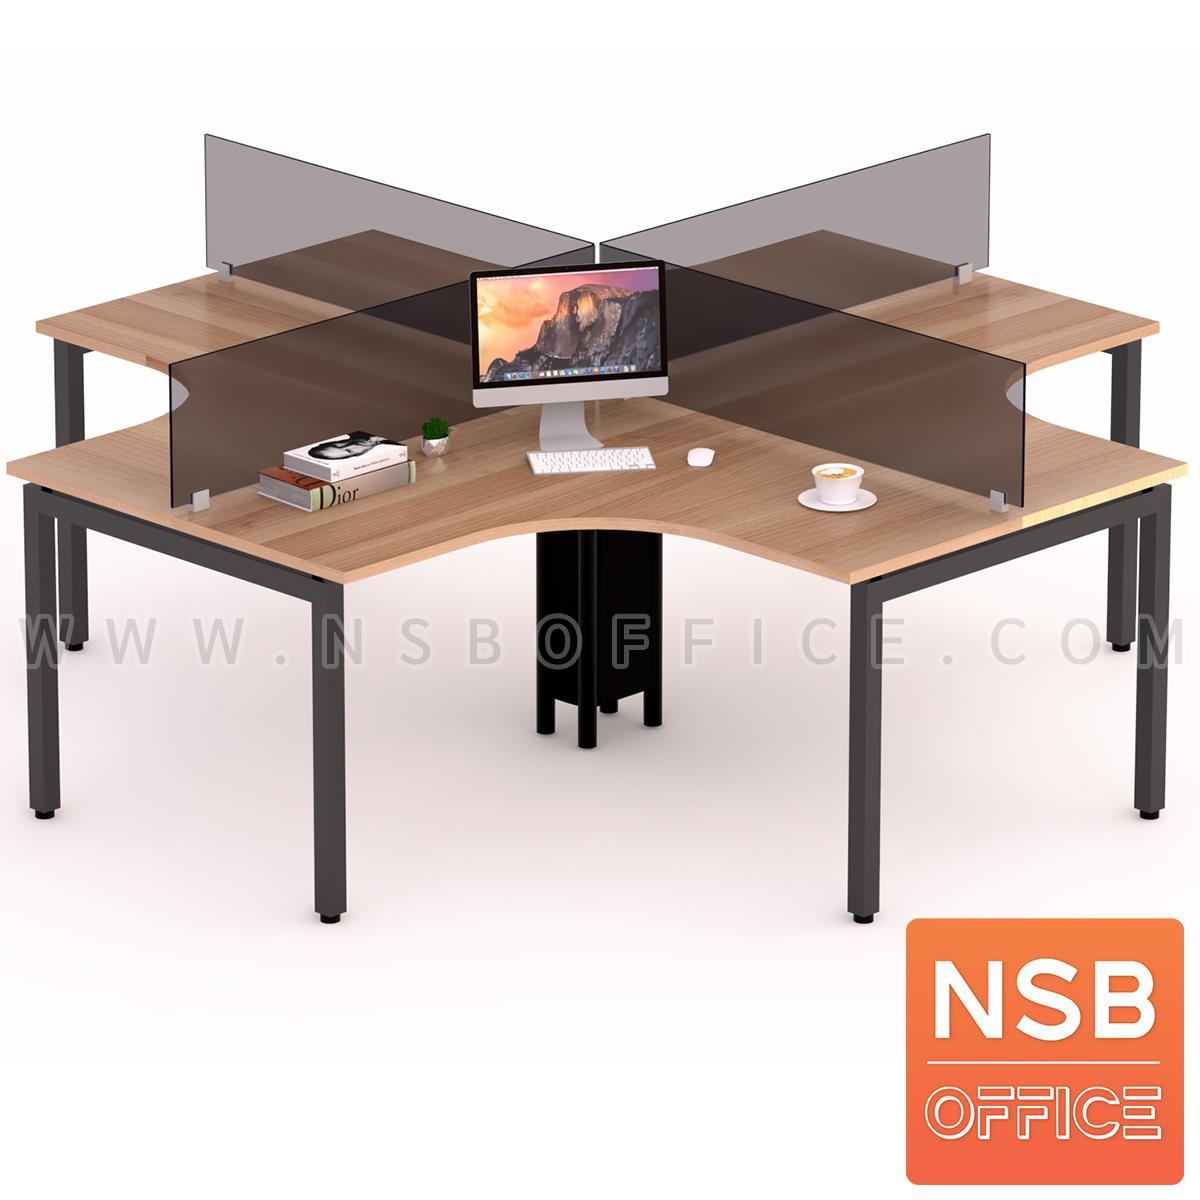 A27A036:โต๊ะทำงานกลุ่มตัวแอล 4 ที่นั่ง  ขนาด 240W*240D cm. ขาเหล็กกล่อง